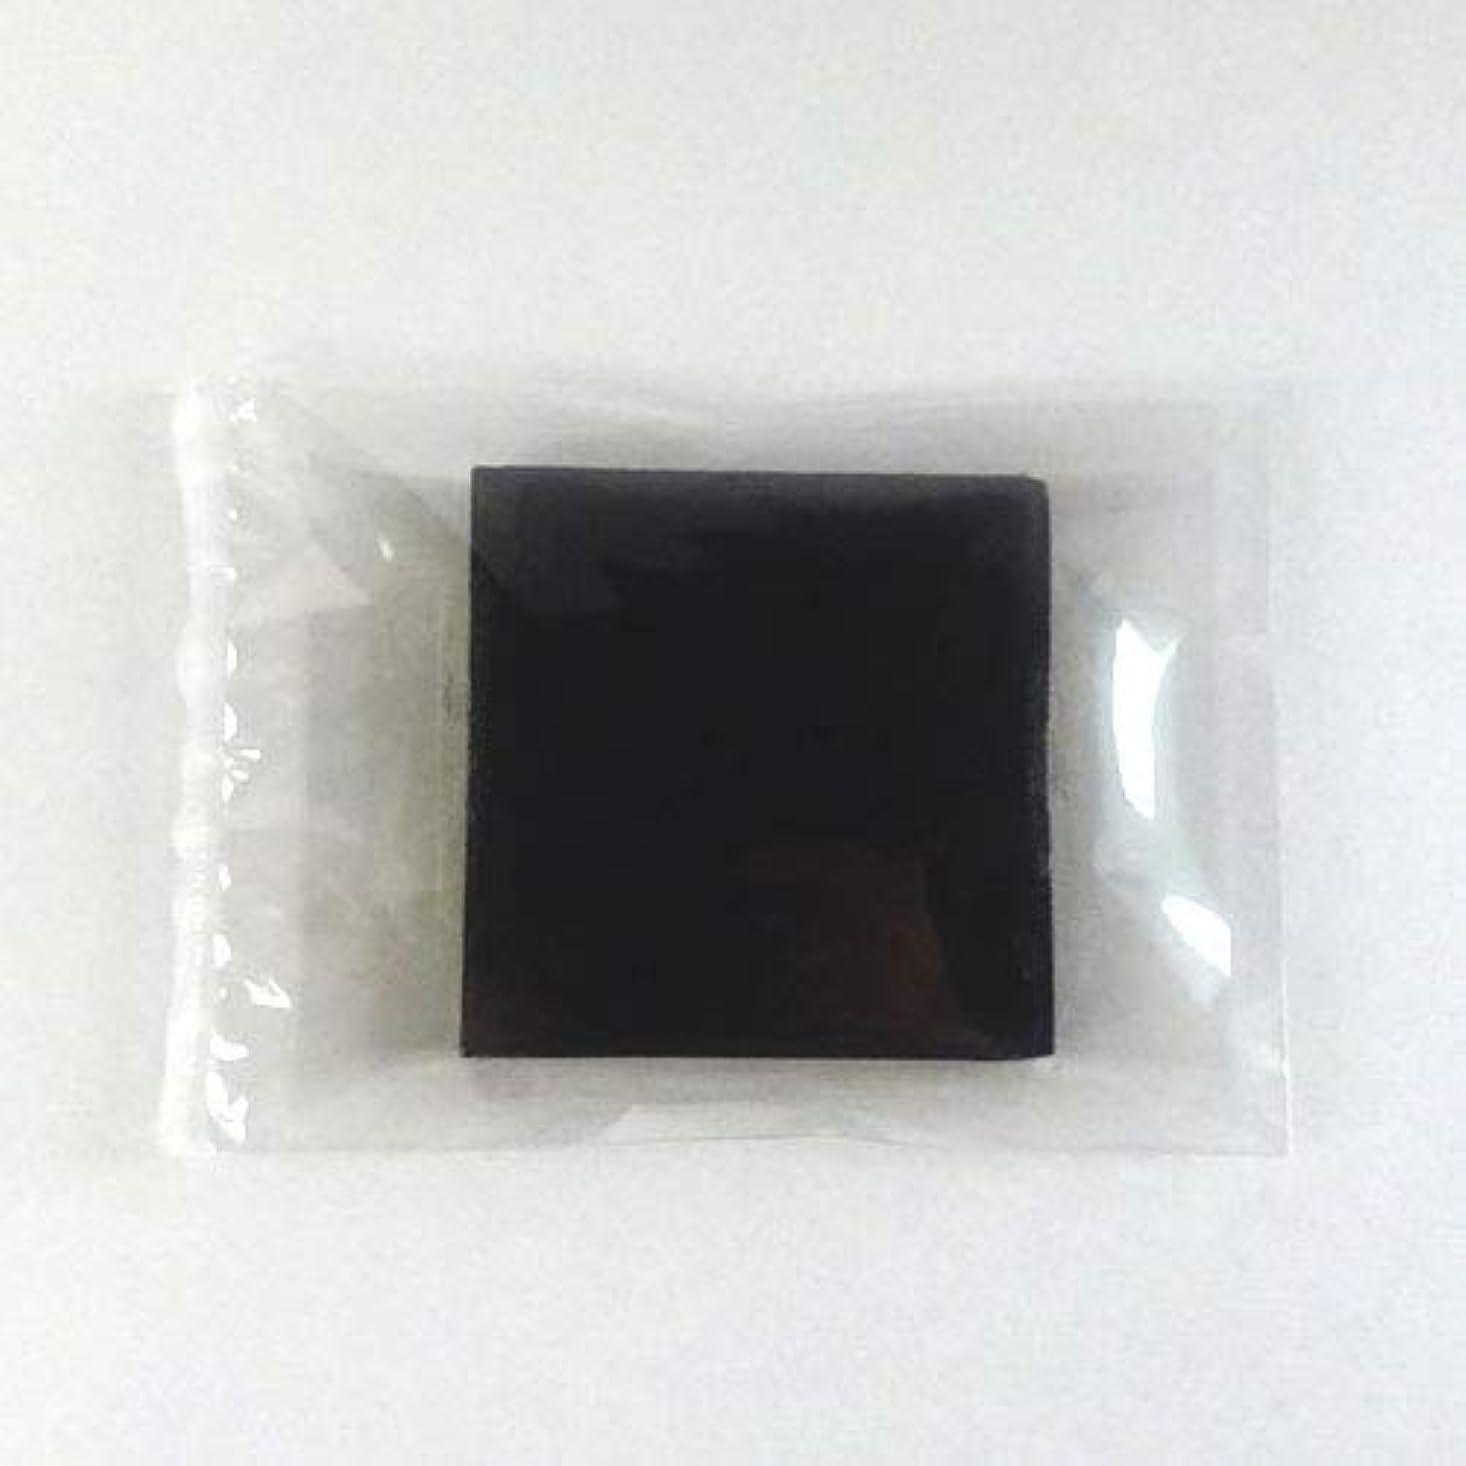 維持する篭キルスグリセリンソープ MPソープ 色チップ 黒(ブラック) 30g